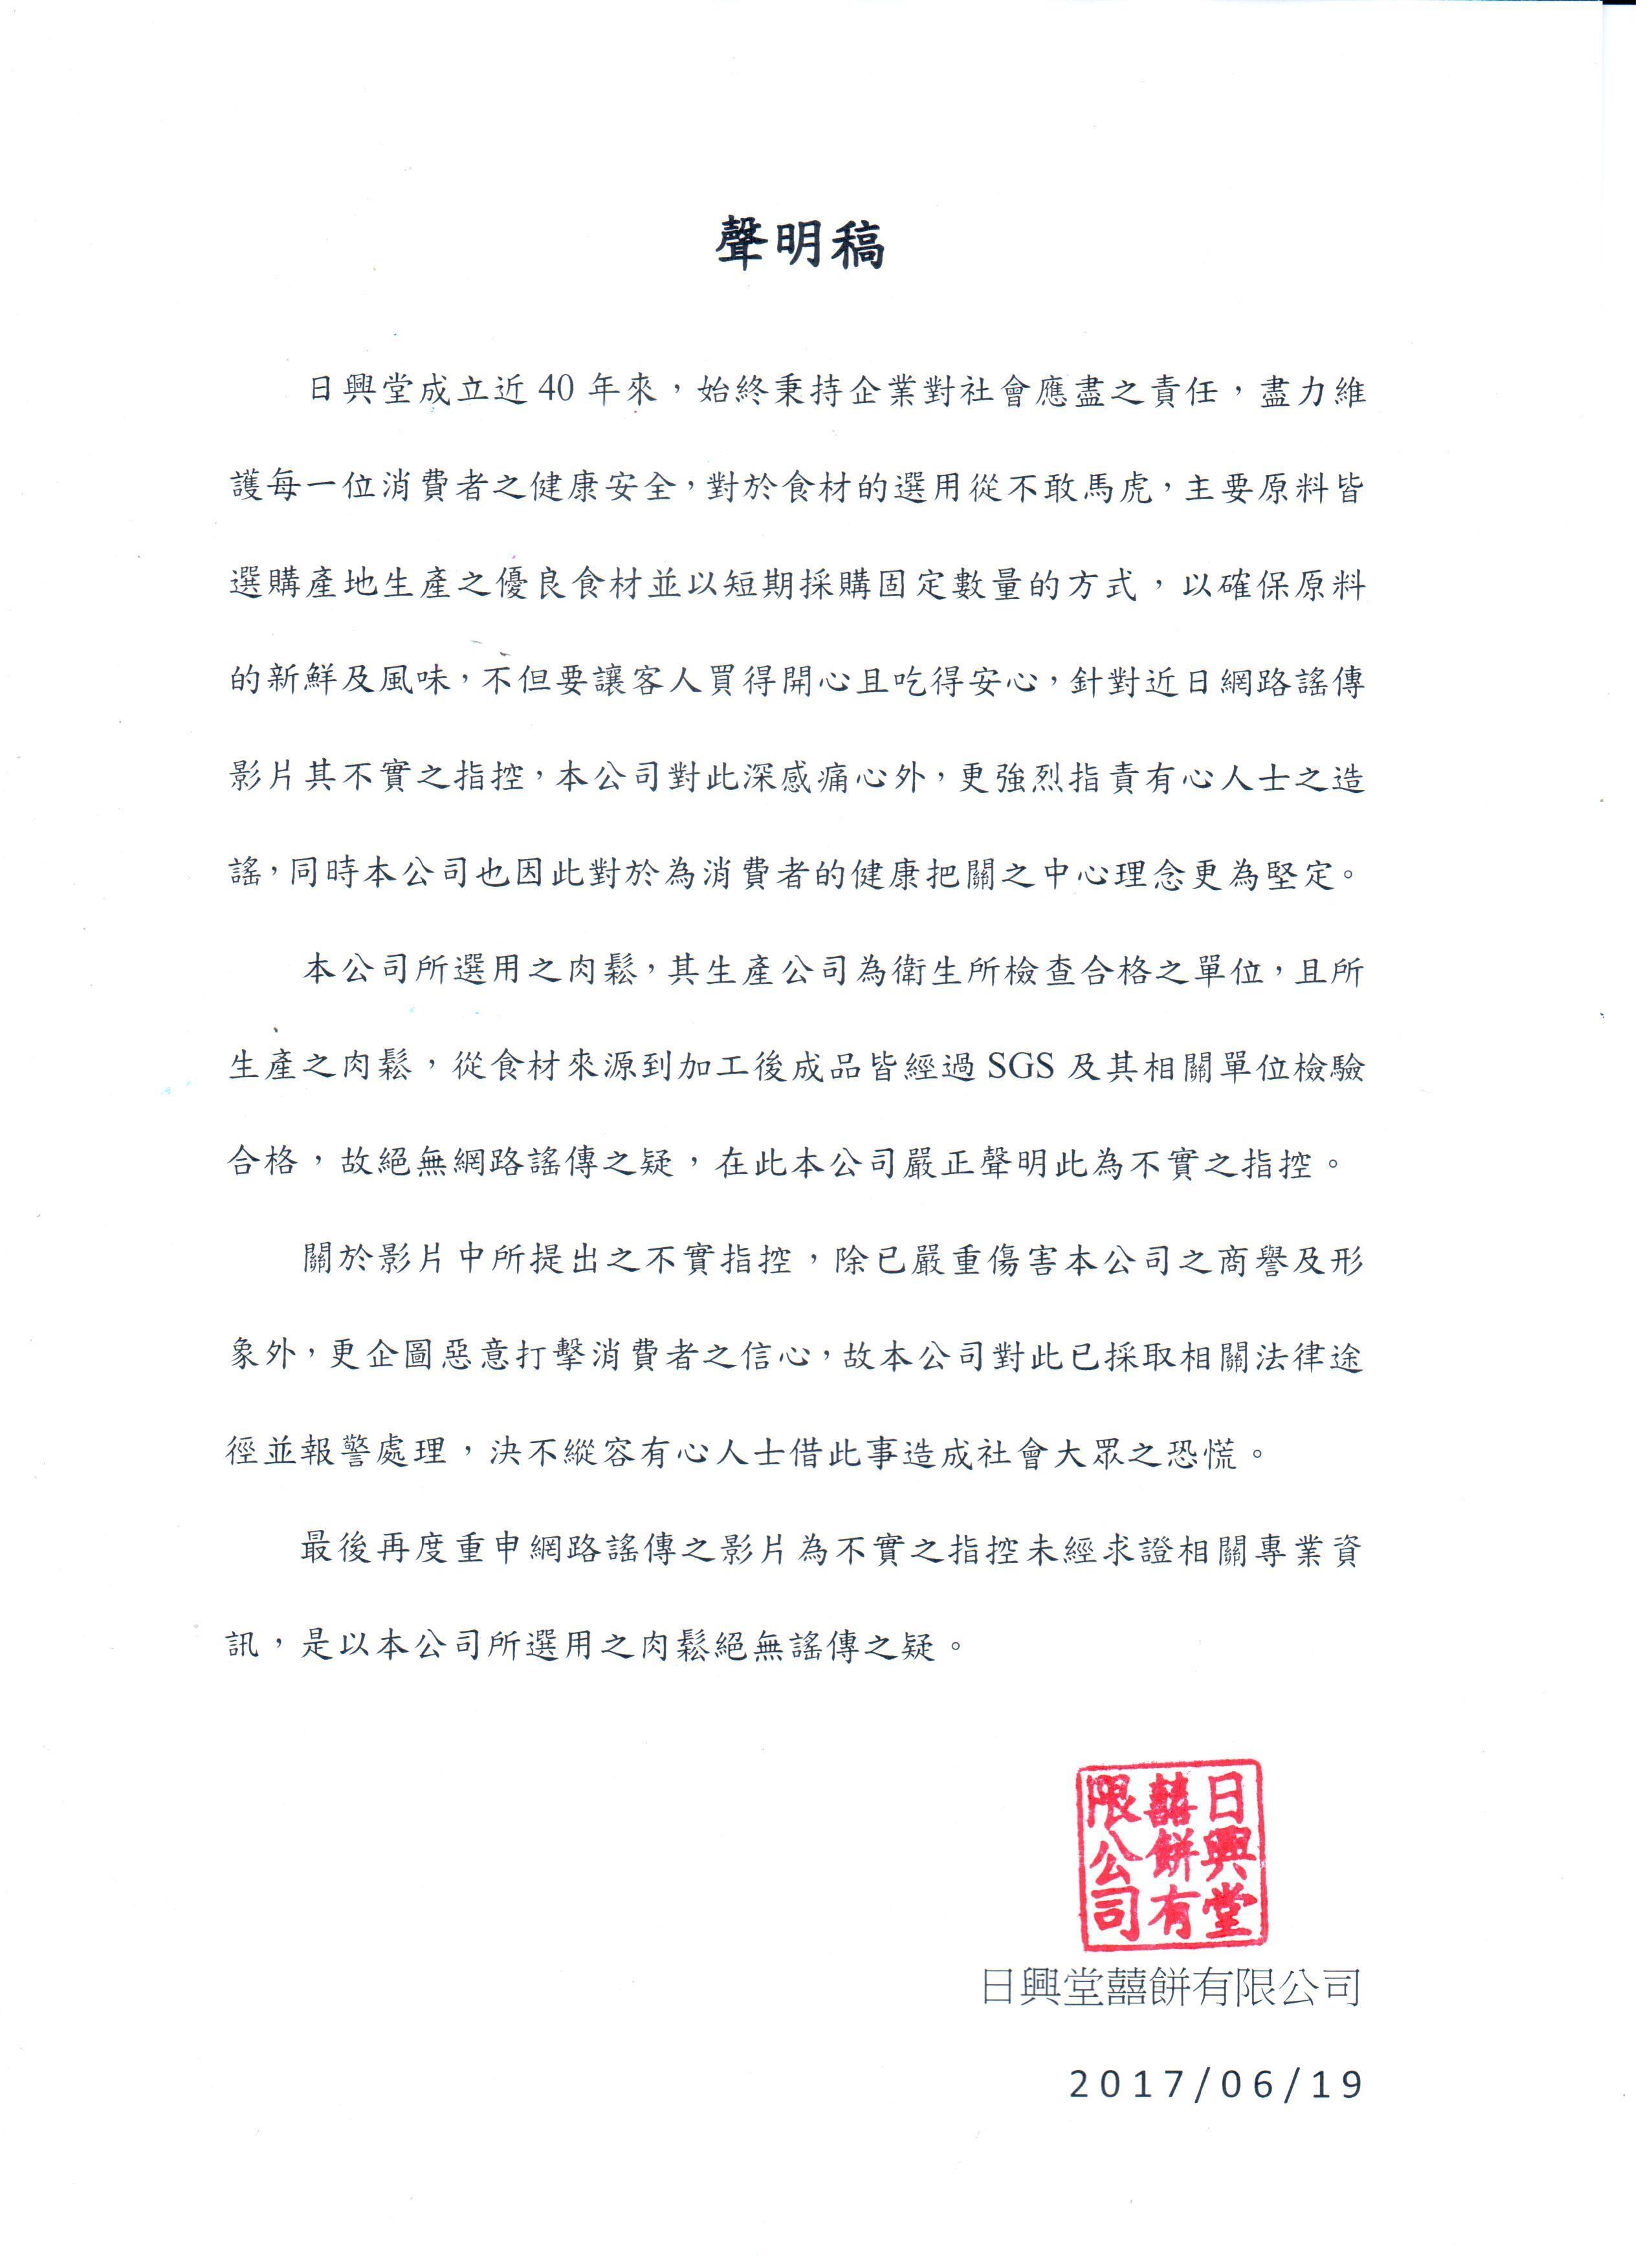 日興堂喜餅聲明稿。(圖/翻攝自日興堂官網)